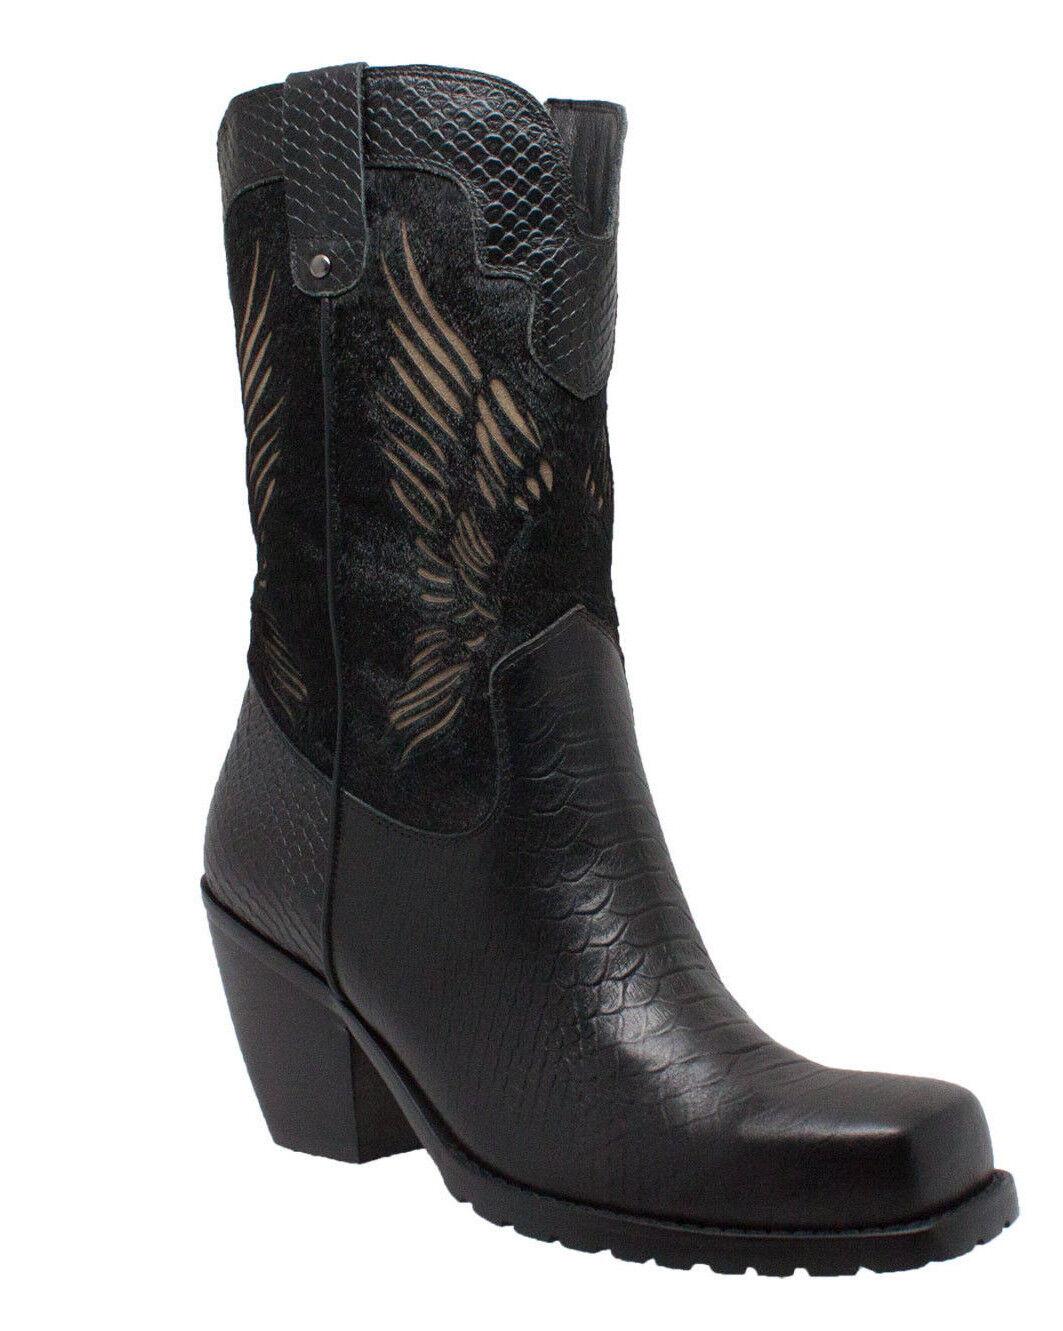 Nuevas botas para mujer adtec Cuero Biker Vestido Informal botas Águila Volando Negro 8547